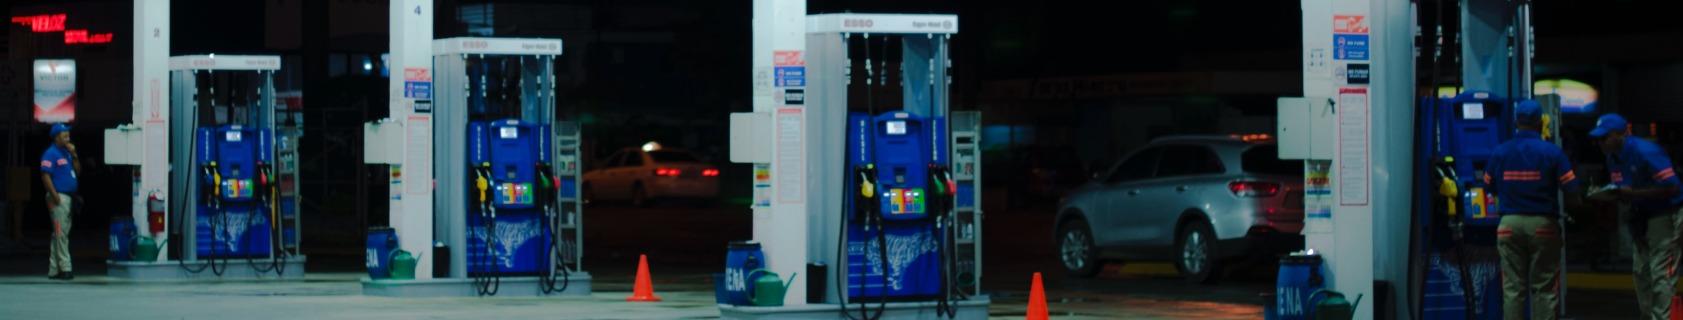 esso petrol pumps